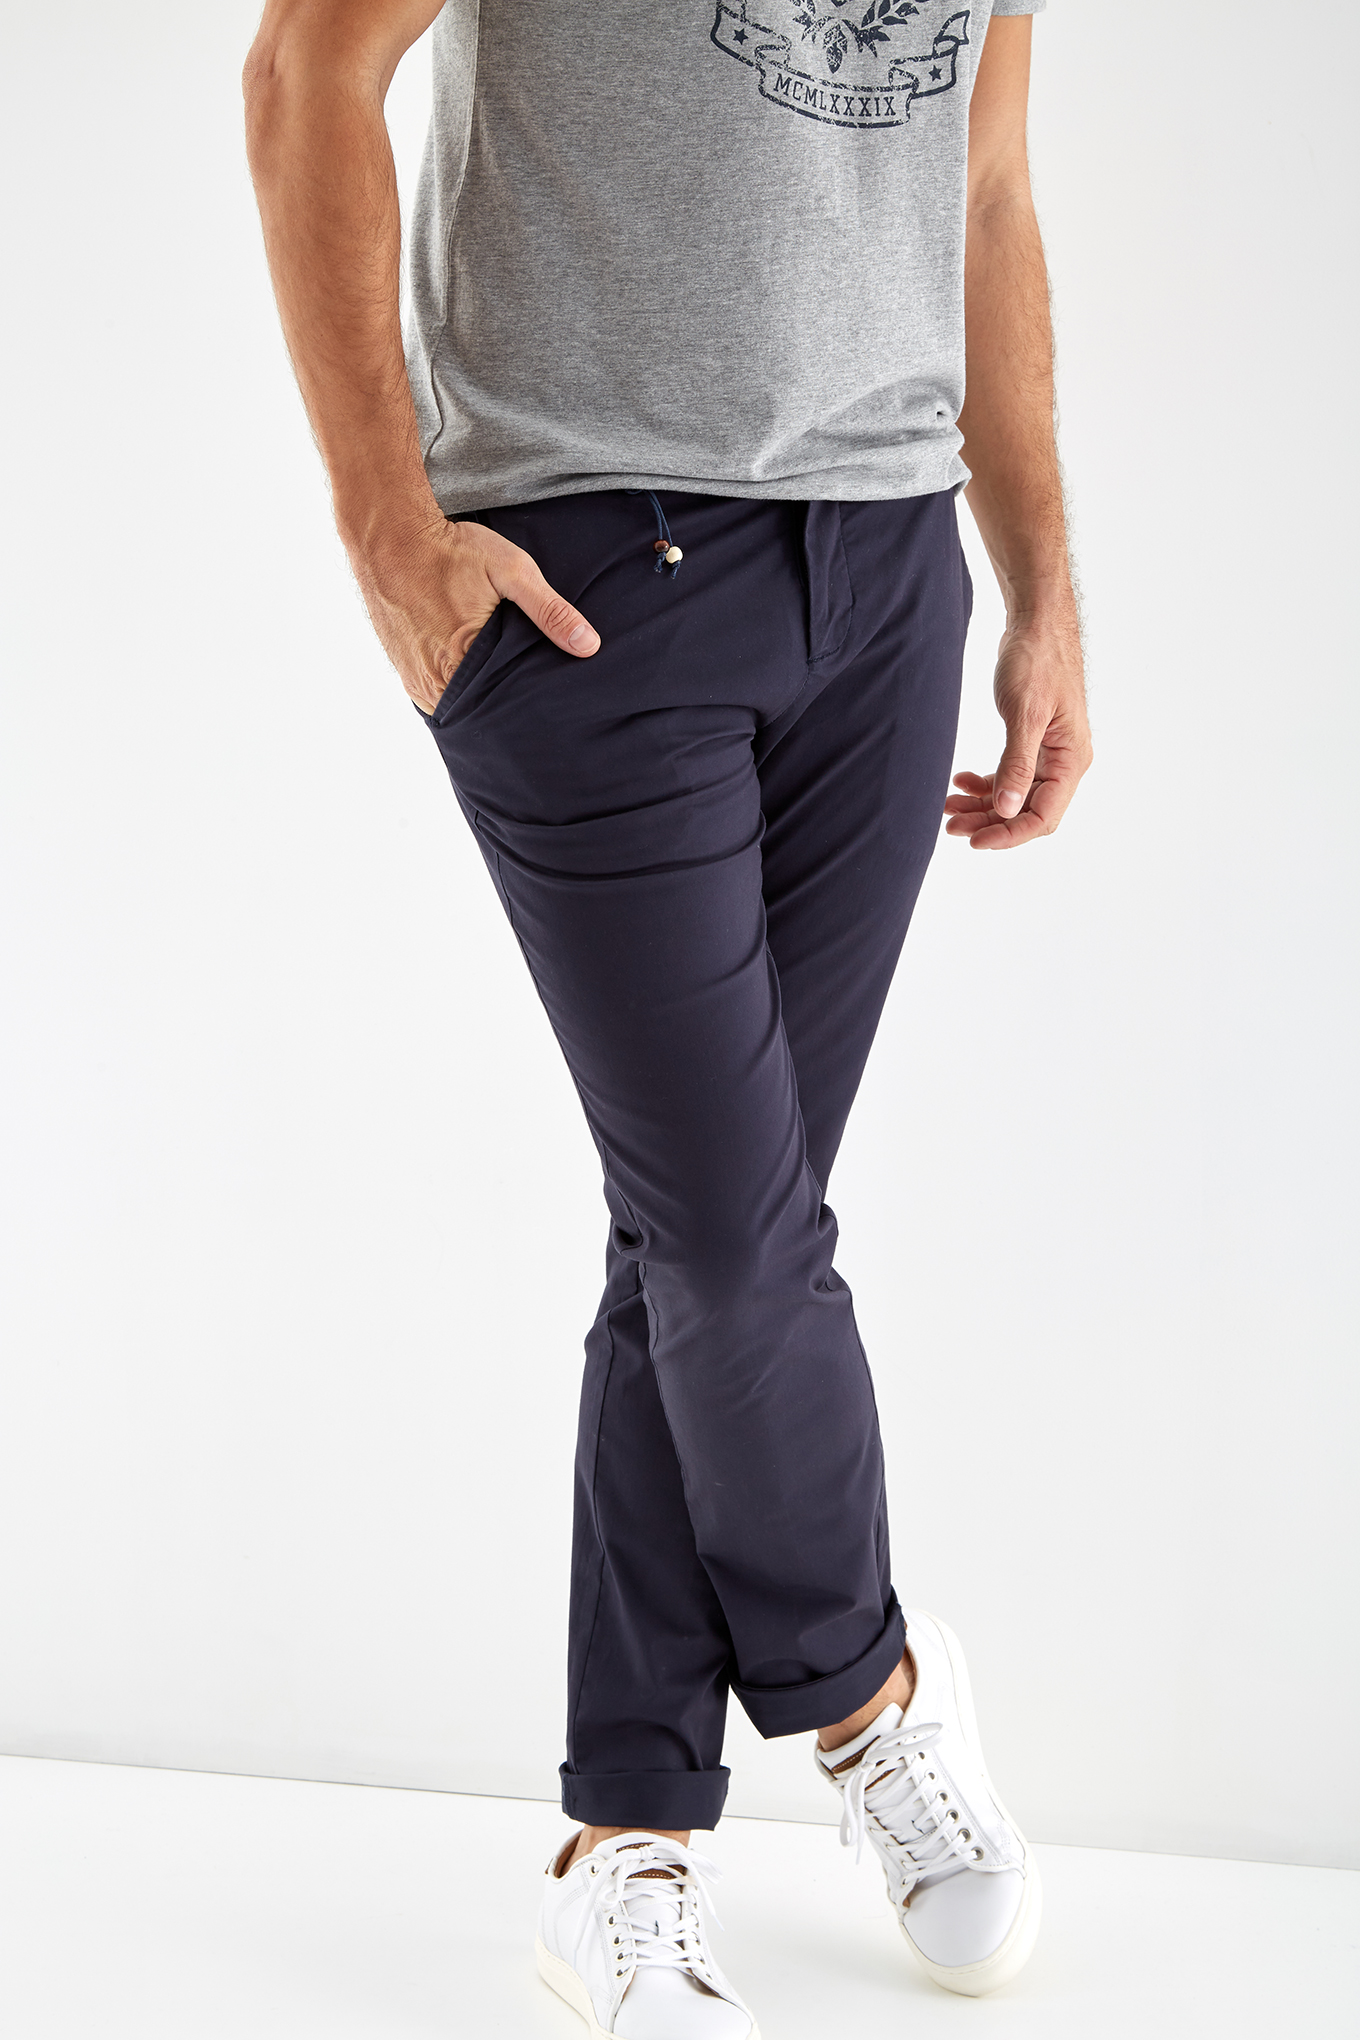 Calças Chino Azul Escuro Sport Homem